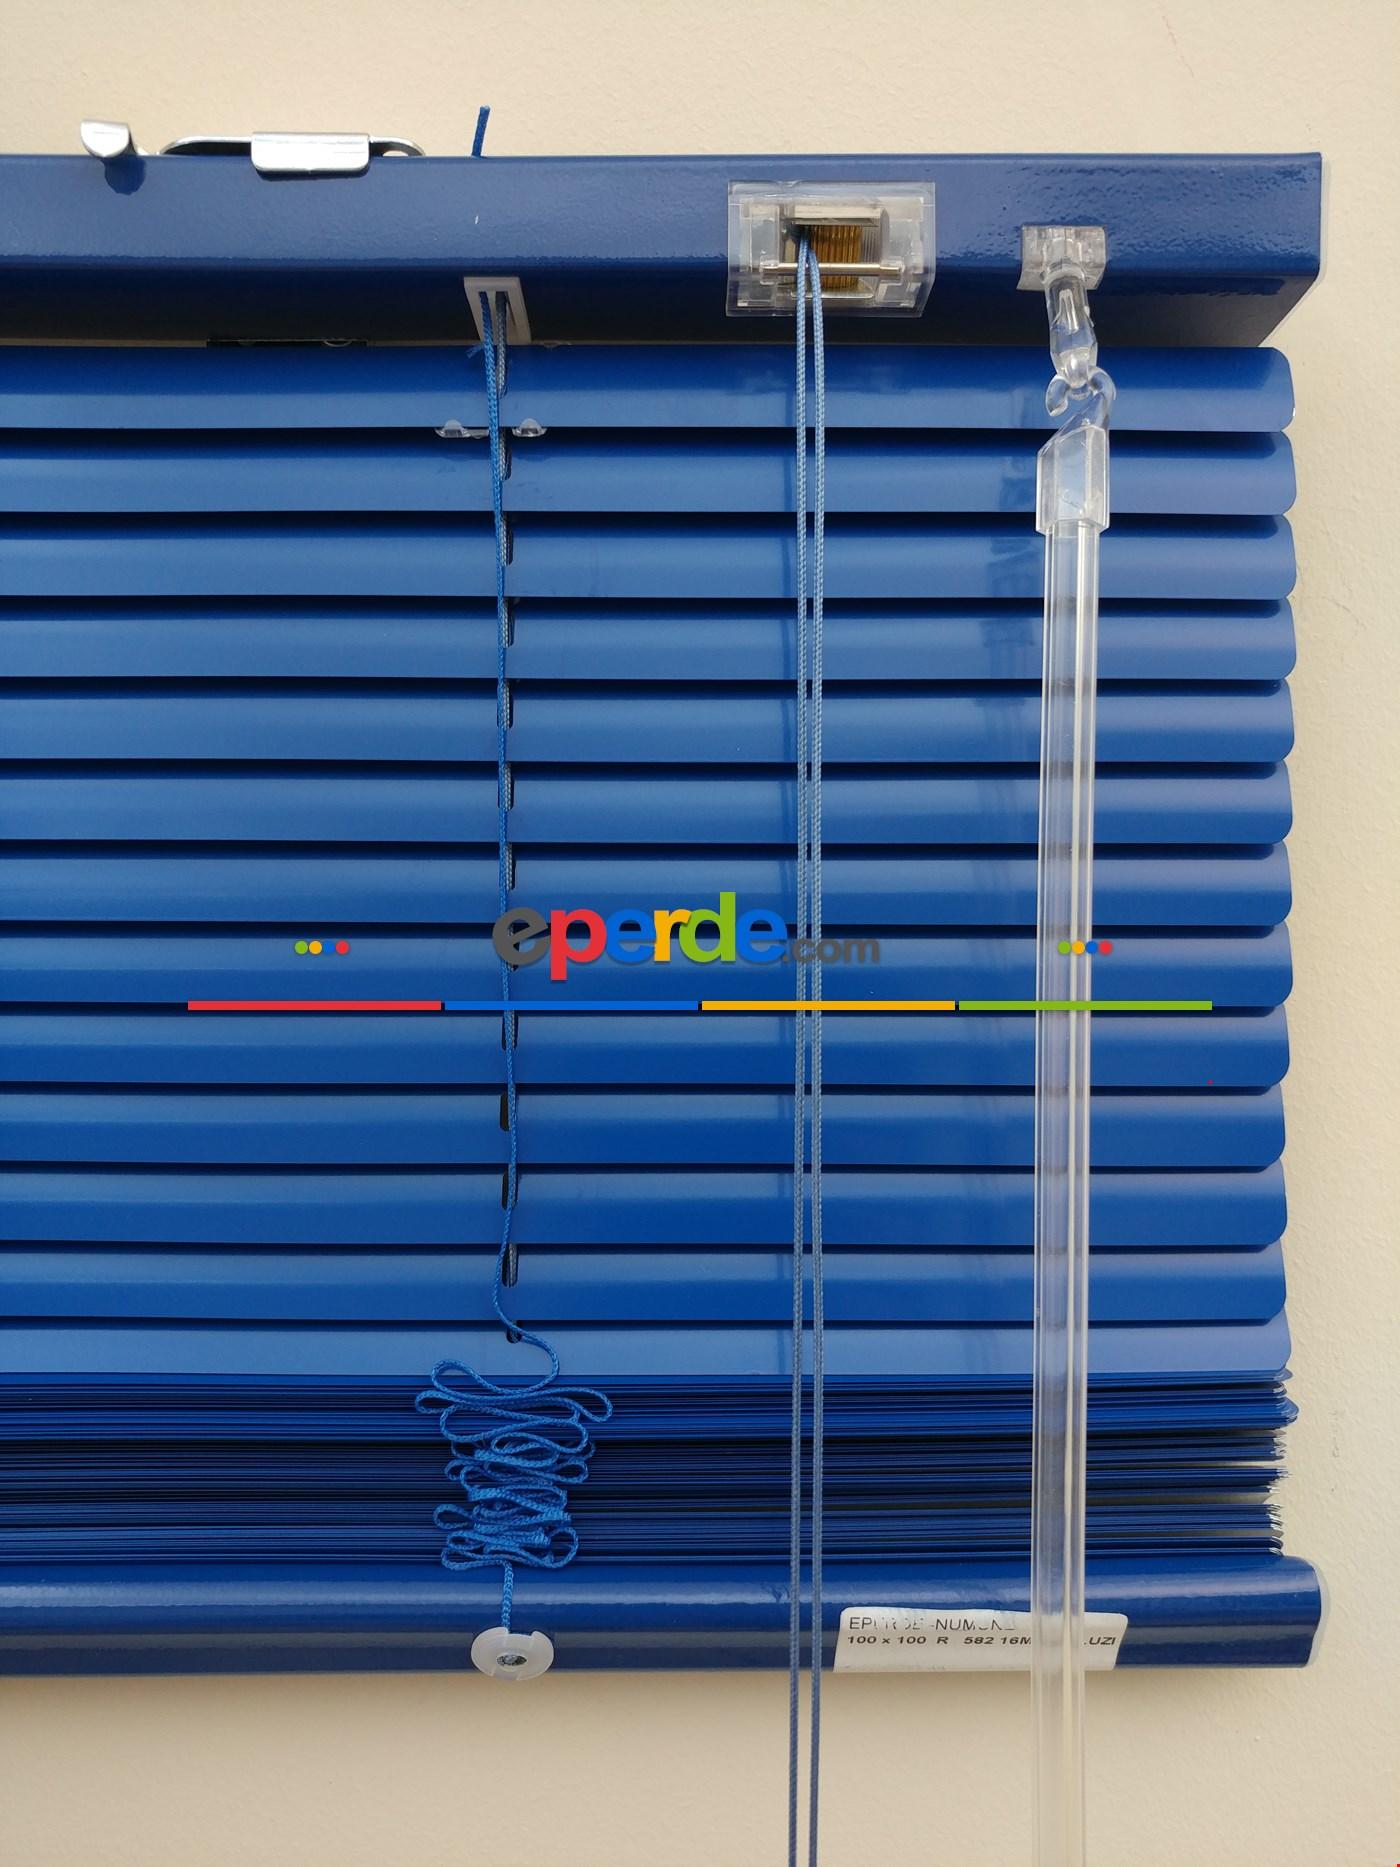 Saks Mavi - Alüminyum Jaluzi Perde - 16mm Kalınlığında